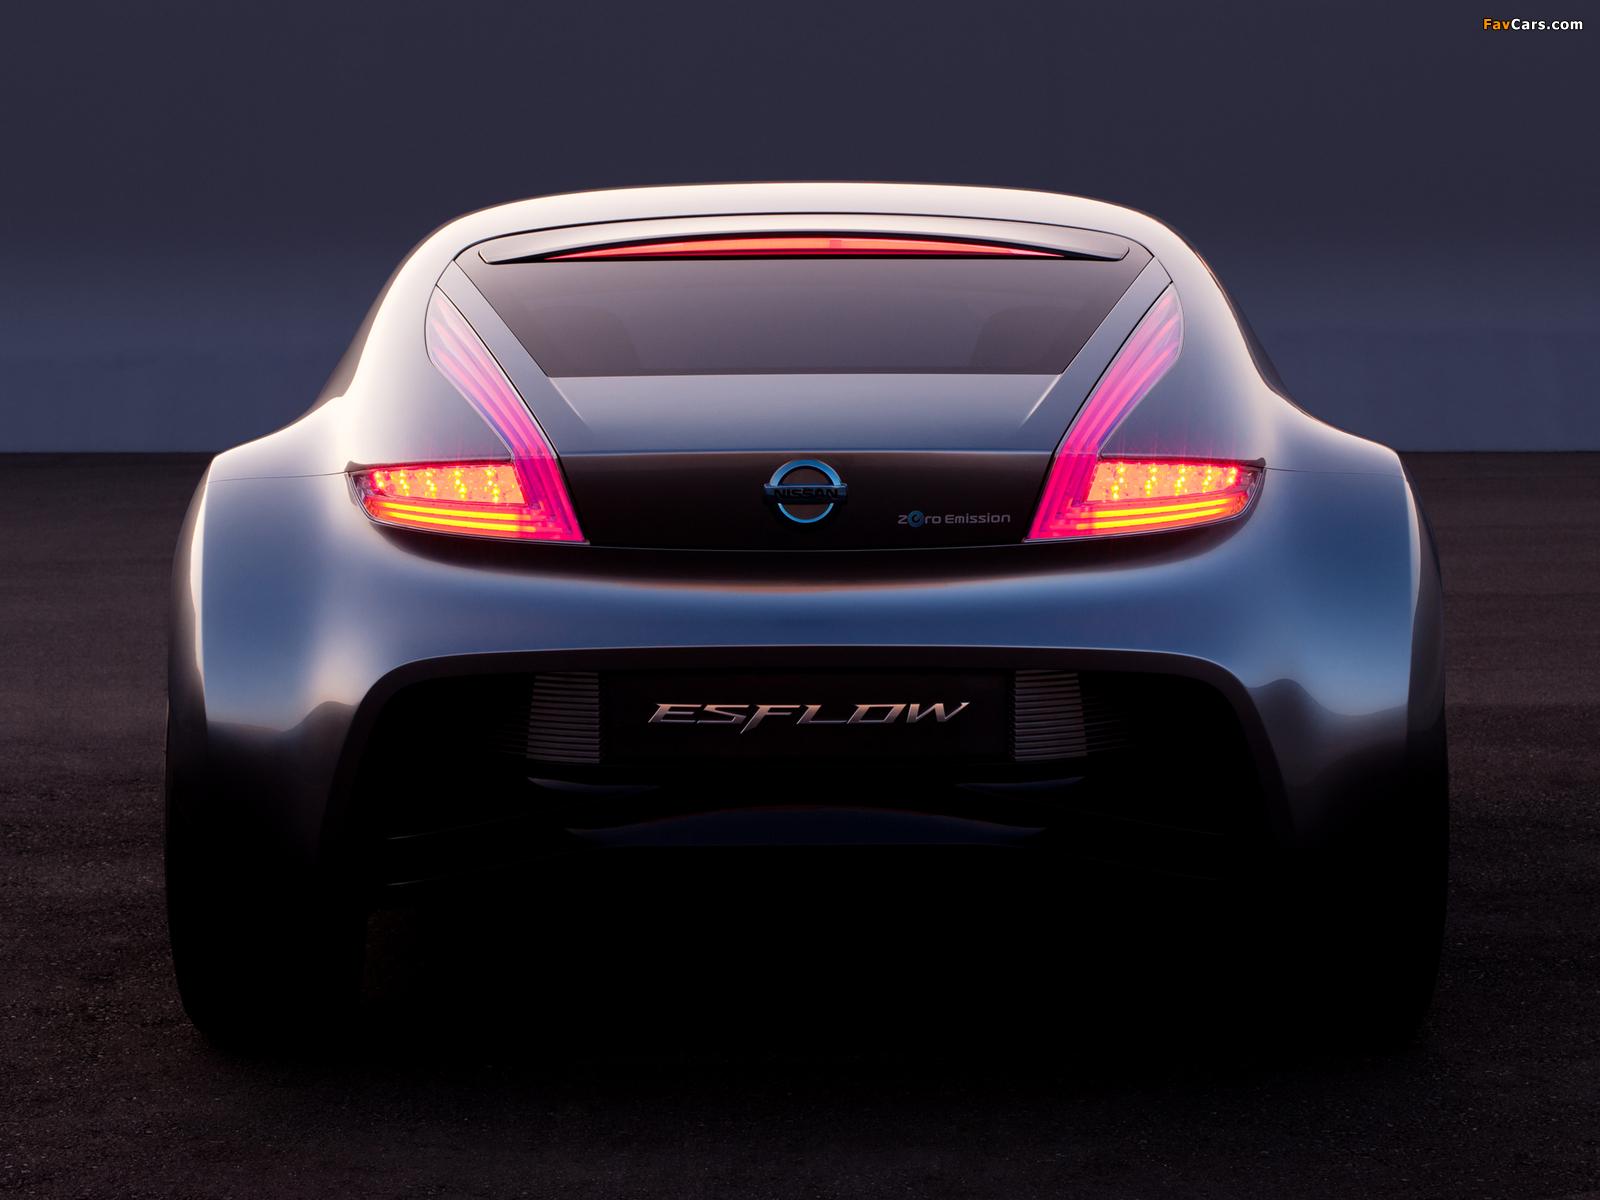 Nissan Esflow Concept 2011 pictures (1600 x 1200)